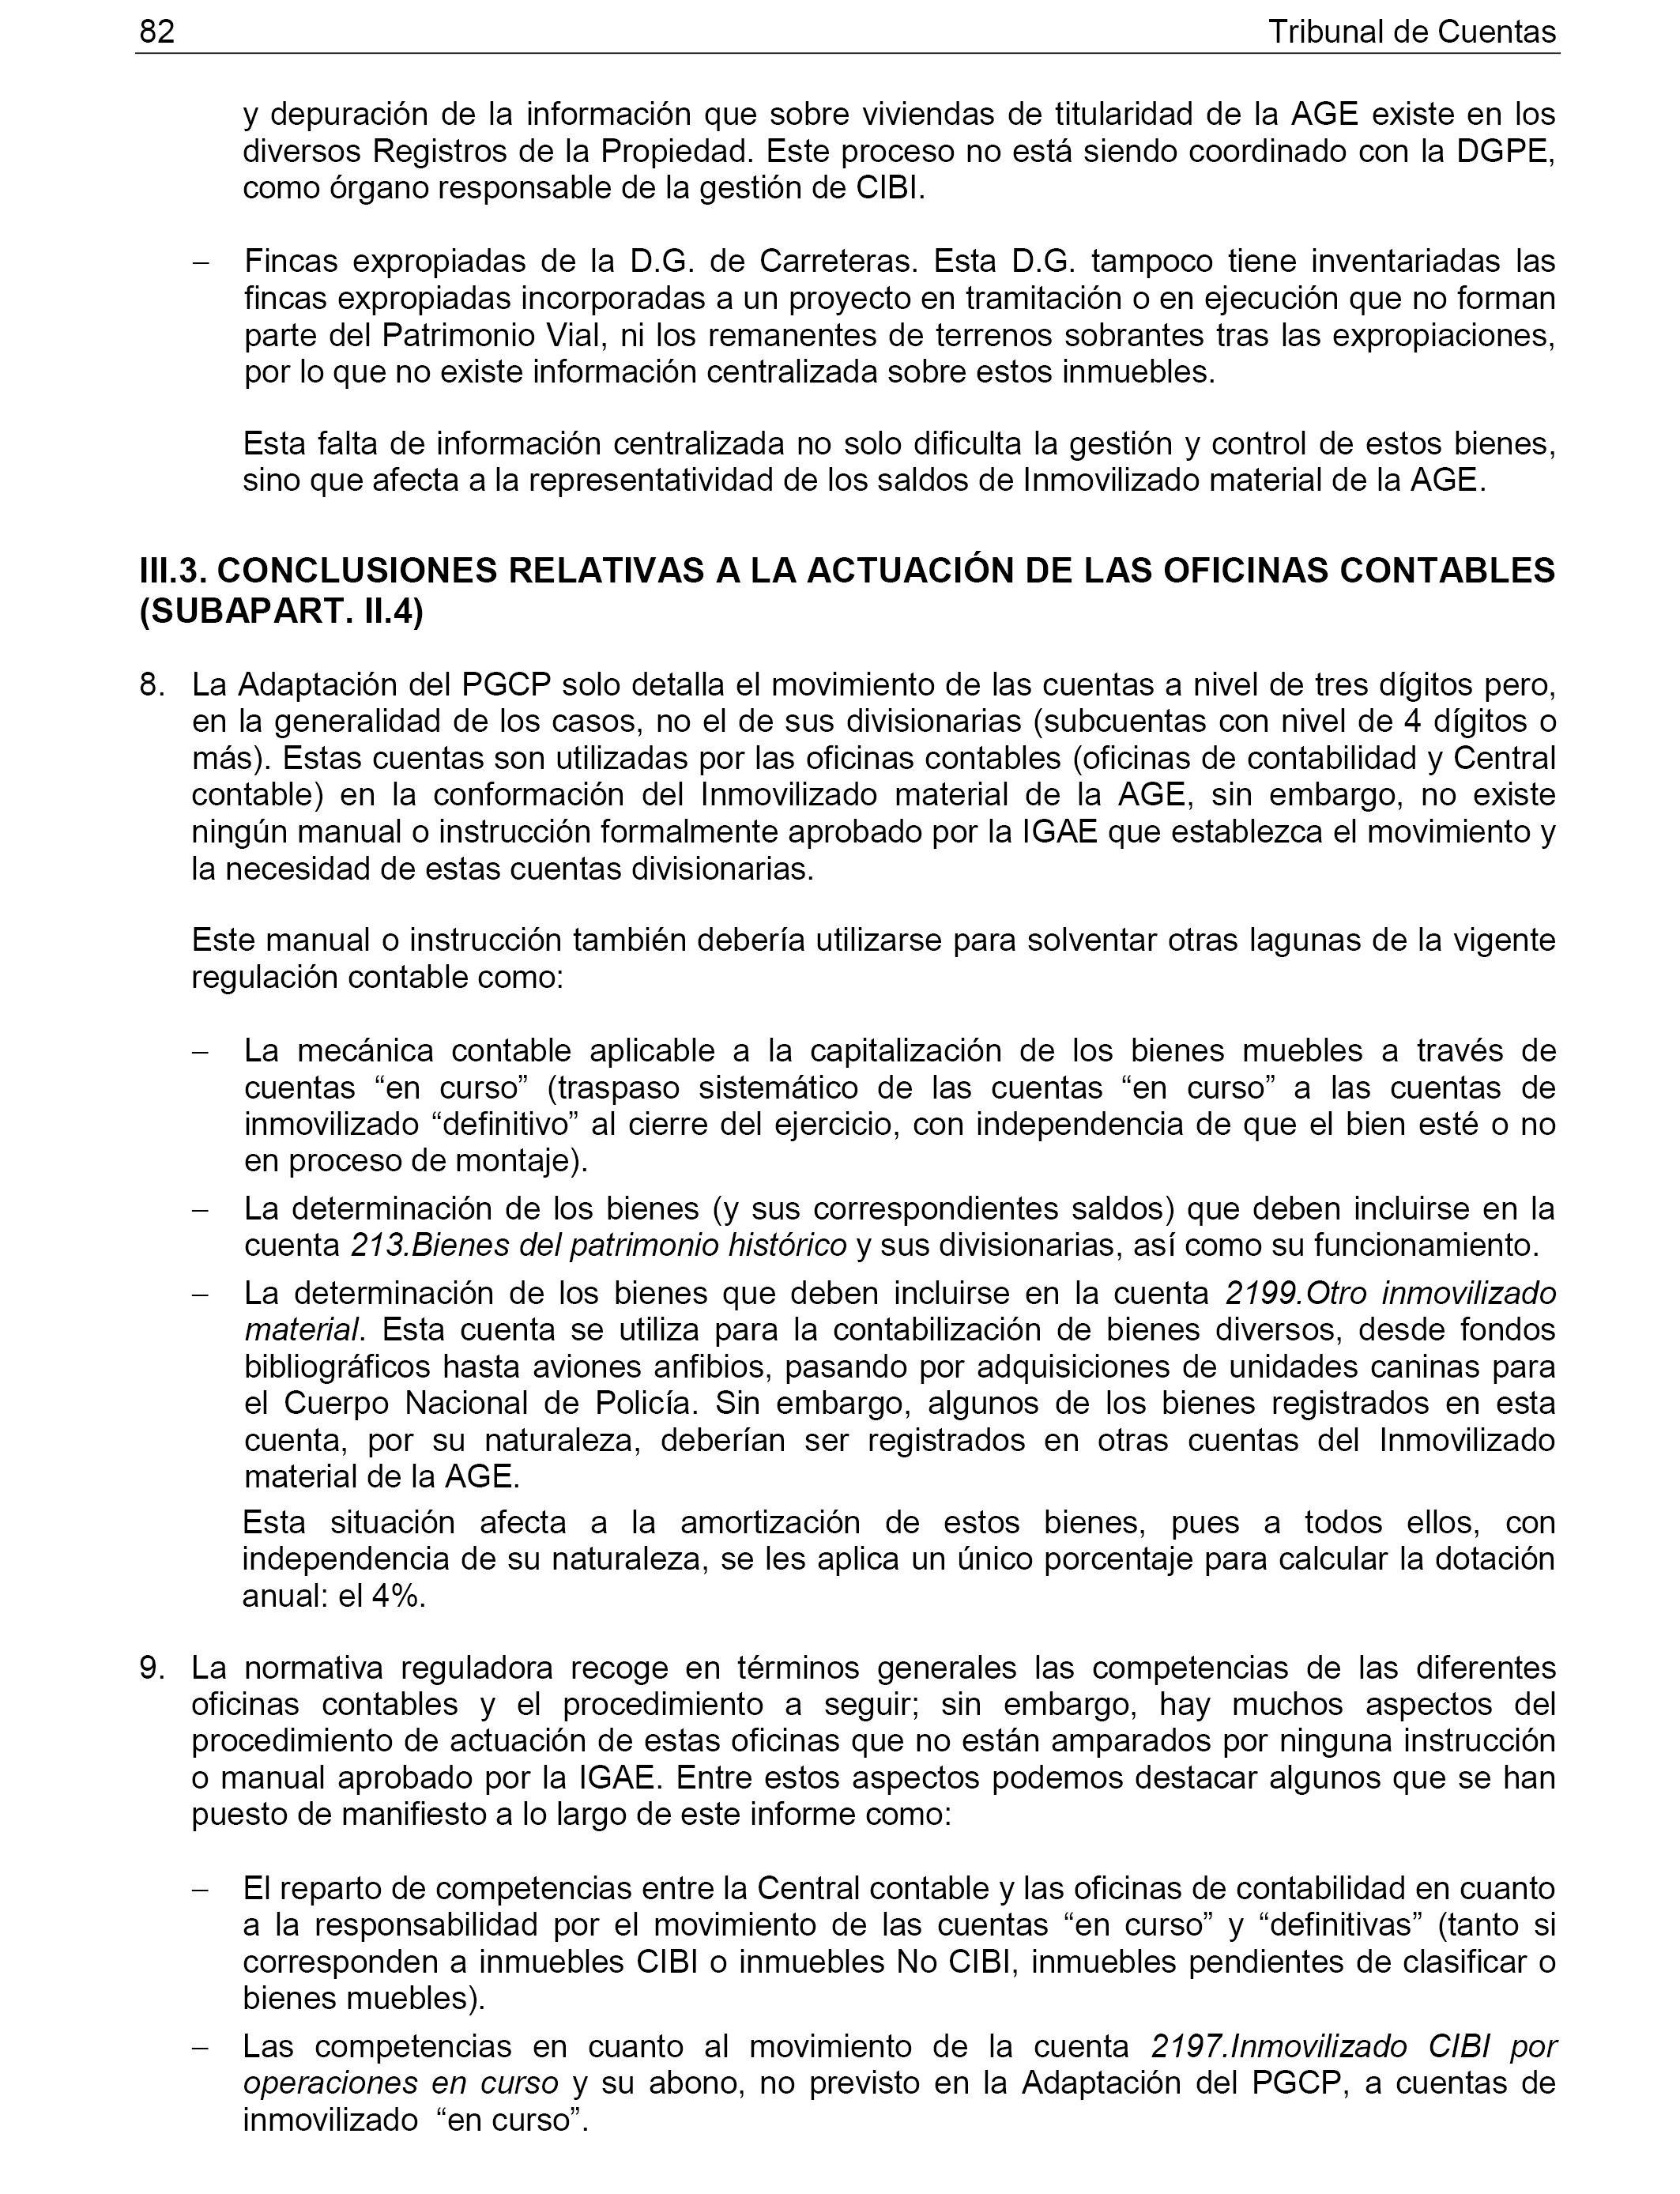 Boe Es Documento Boe A 2017 8709 # Registro Bienes Muebles Buques